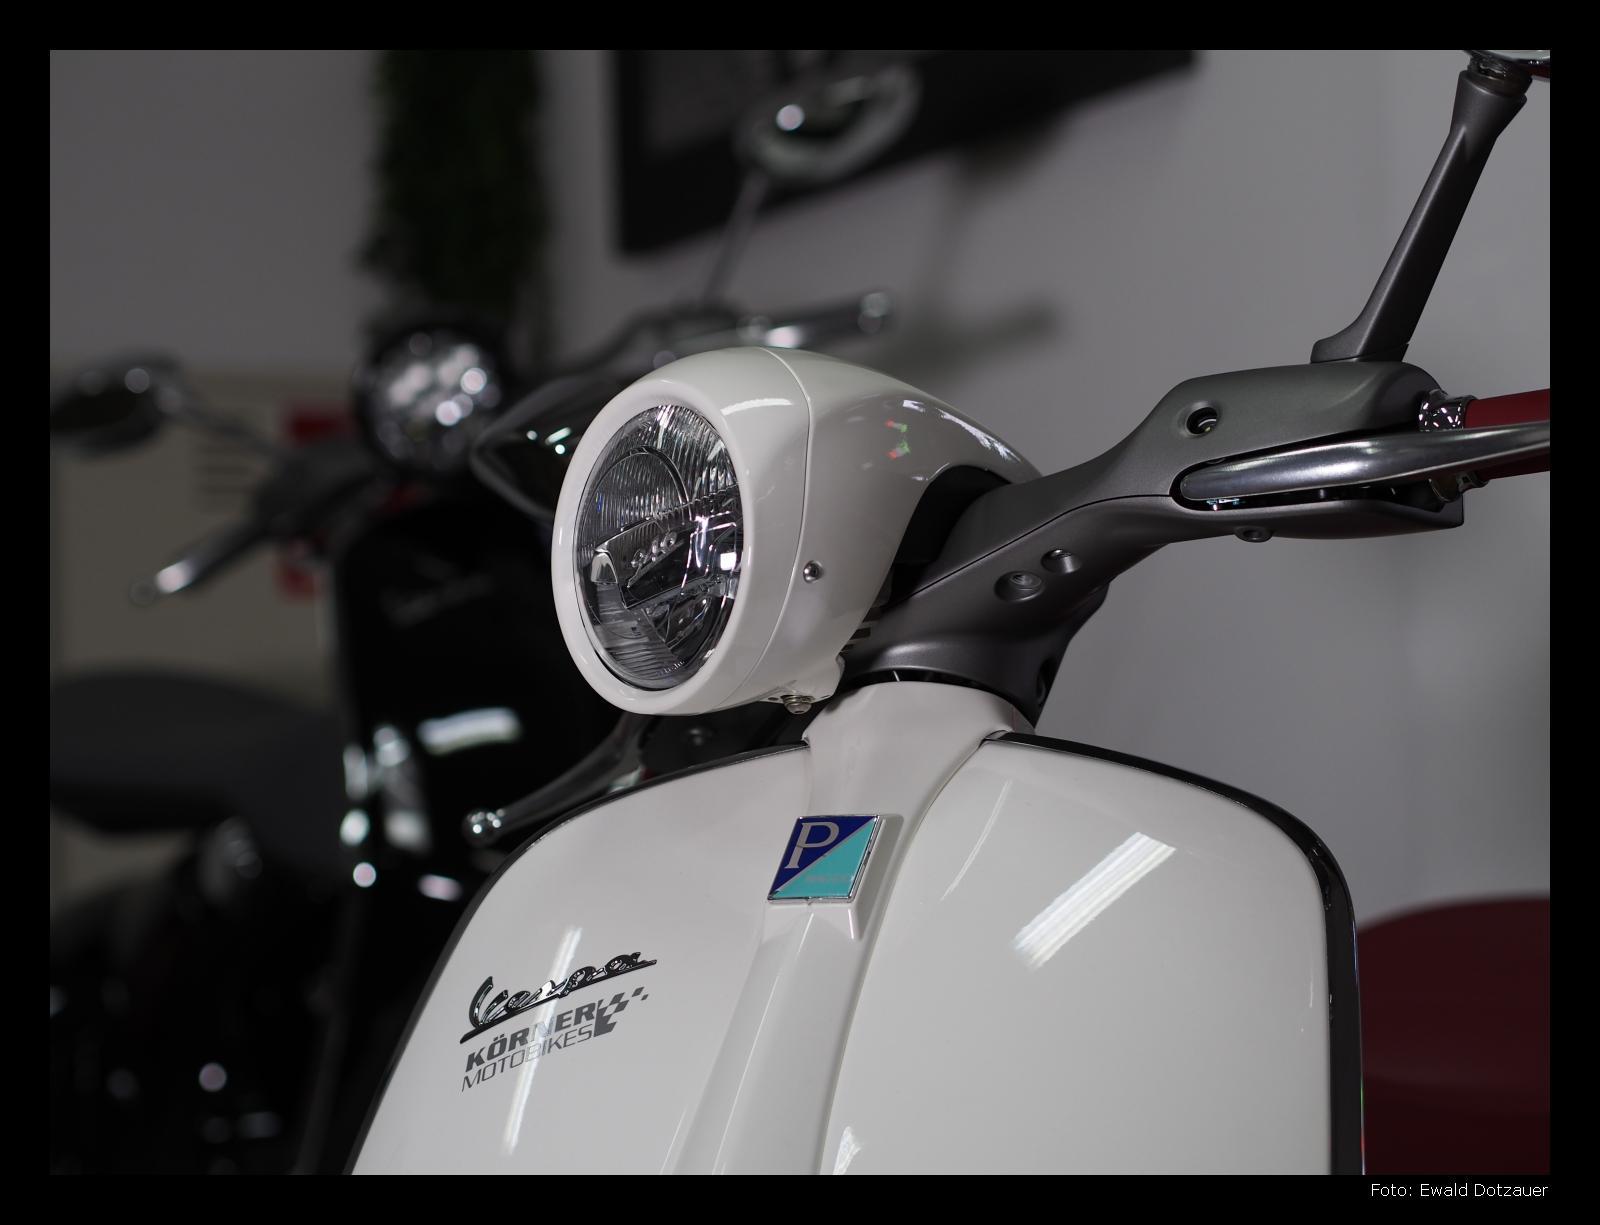 VESPA 946, Front in weiß bei Körner Motobikes, Ottobrun bei München